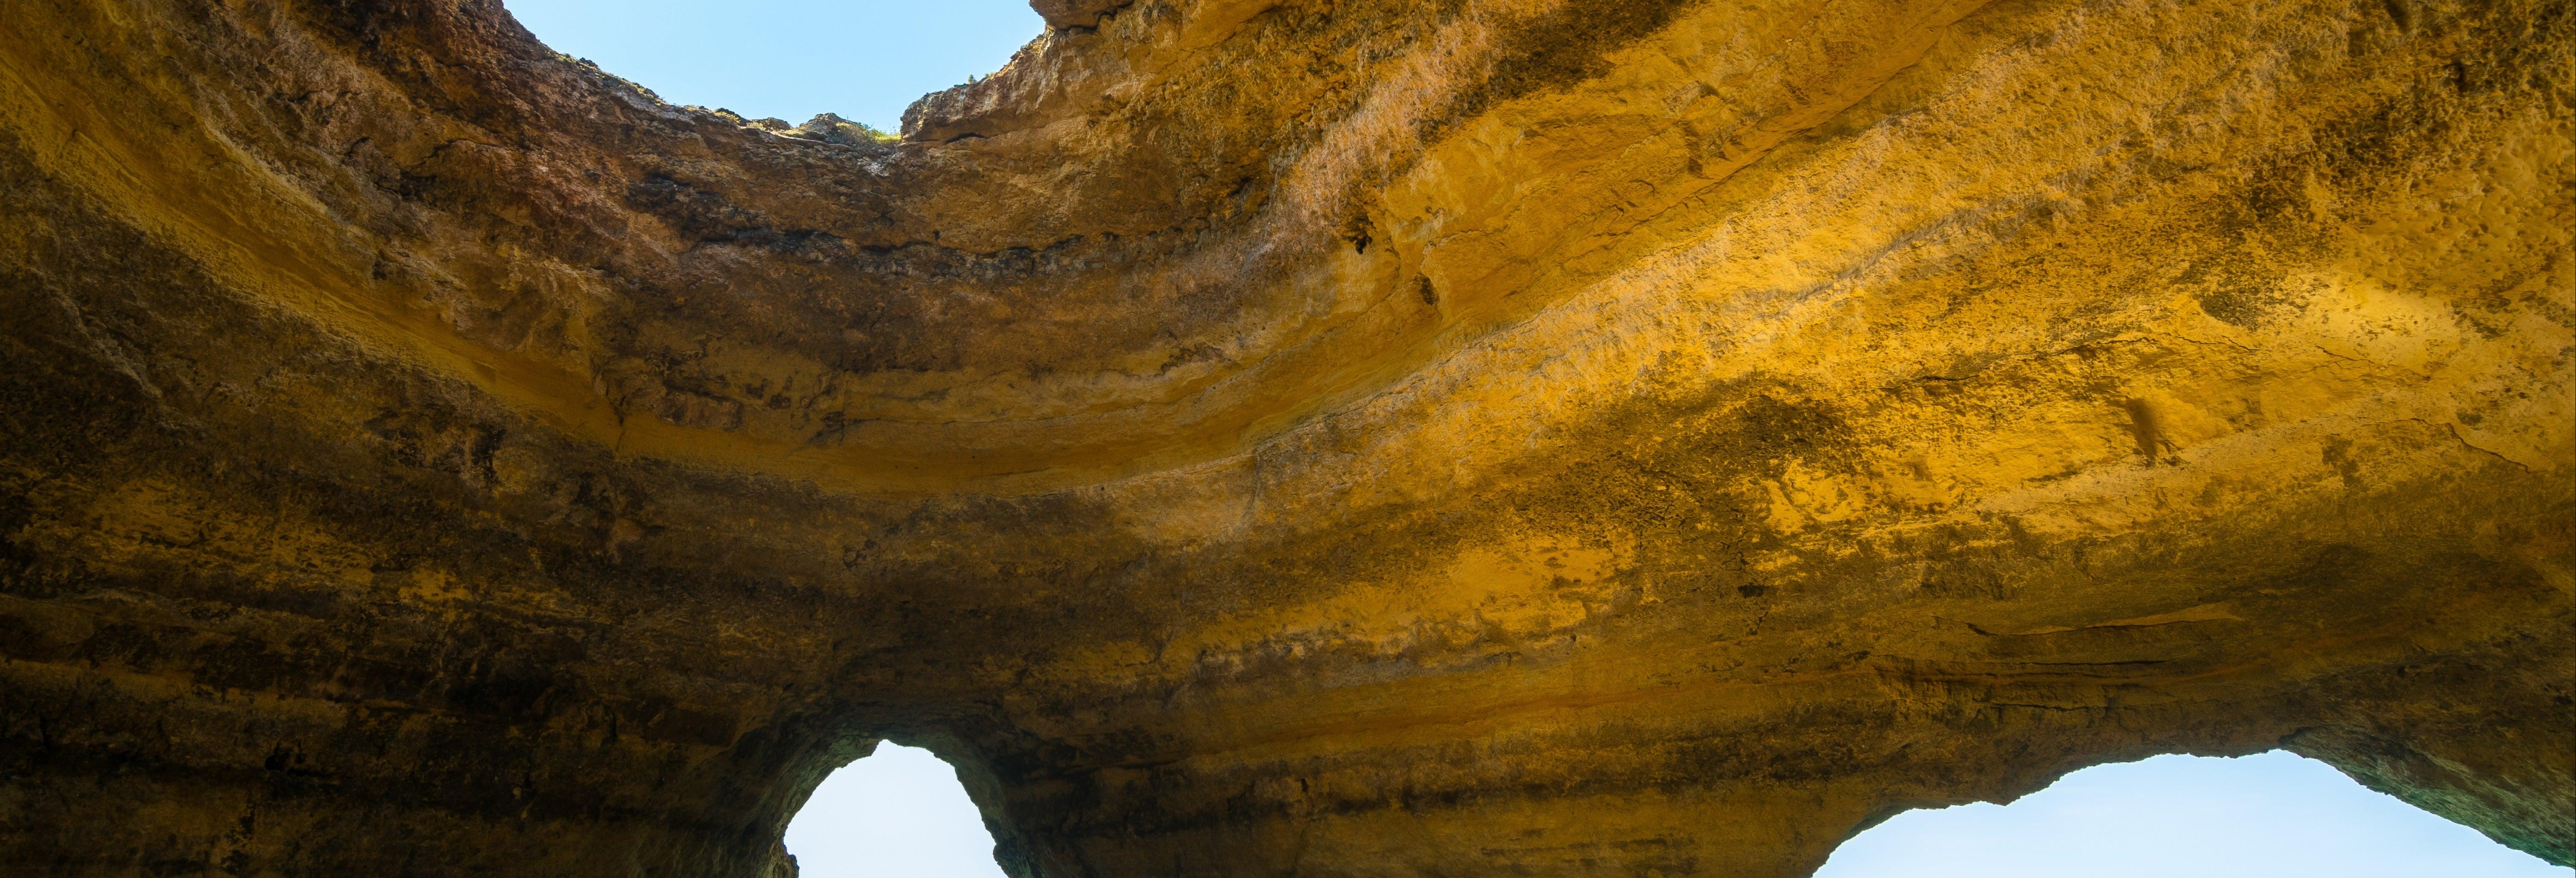 Balade en bateau à travers les grottes de Benagil